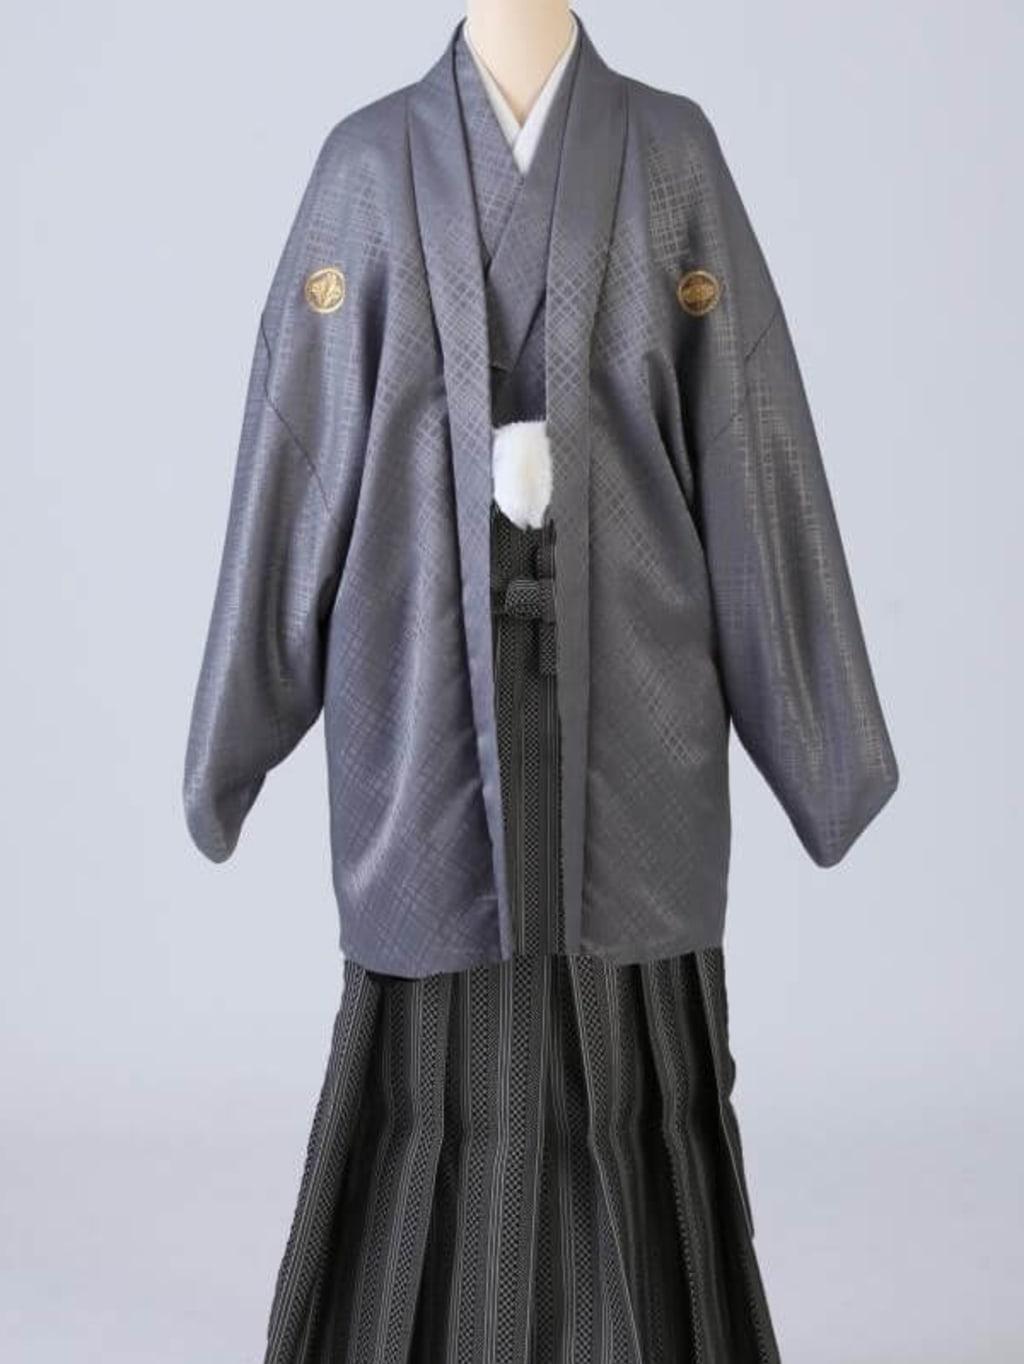 グレー紋服 格子柄袴_横浜店